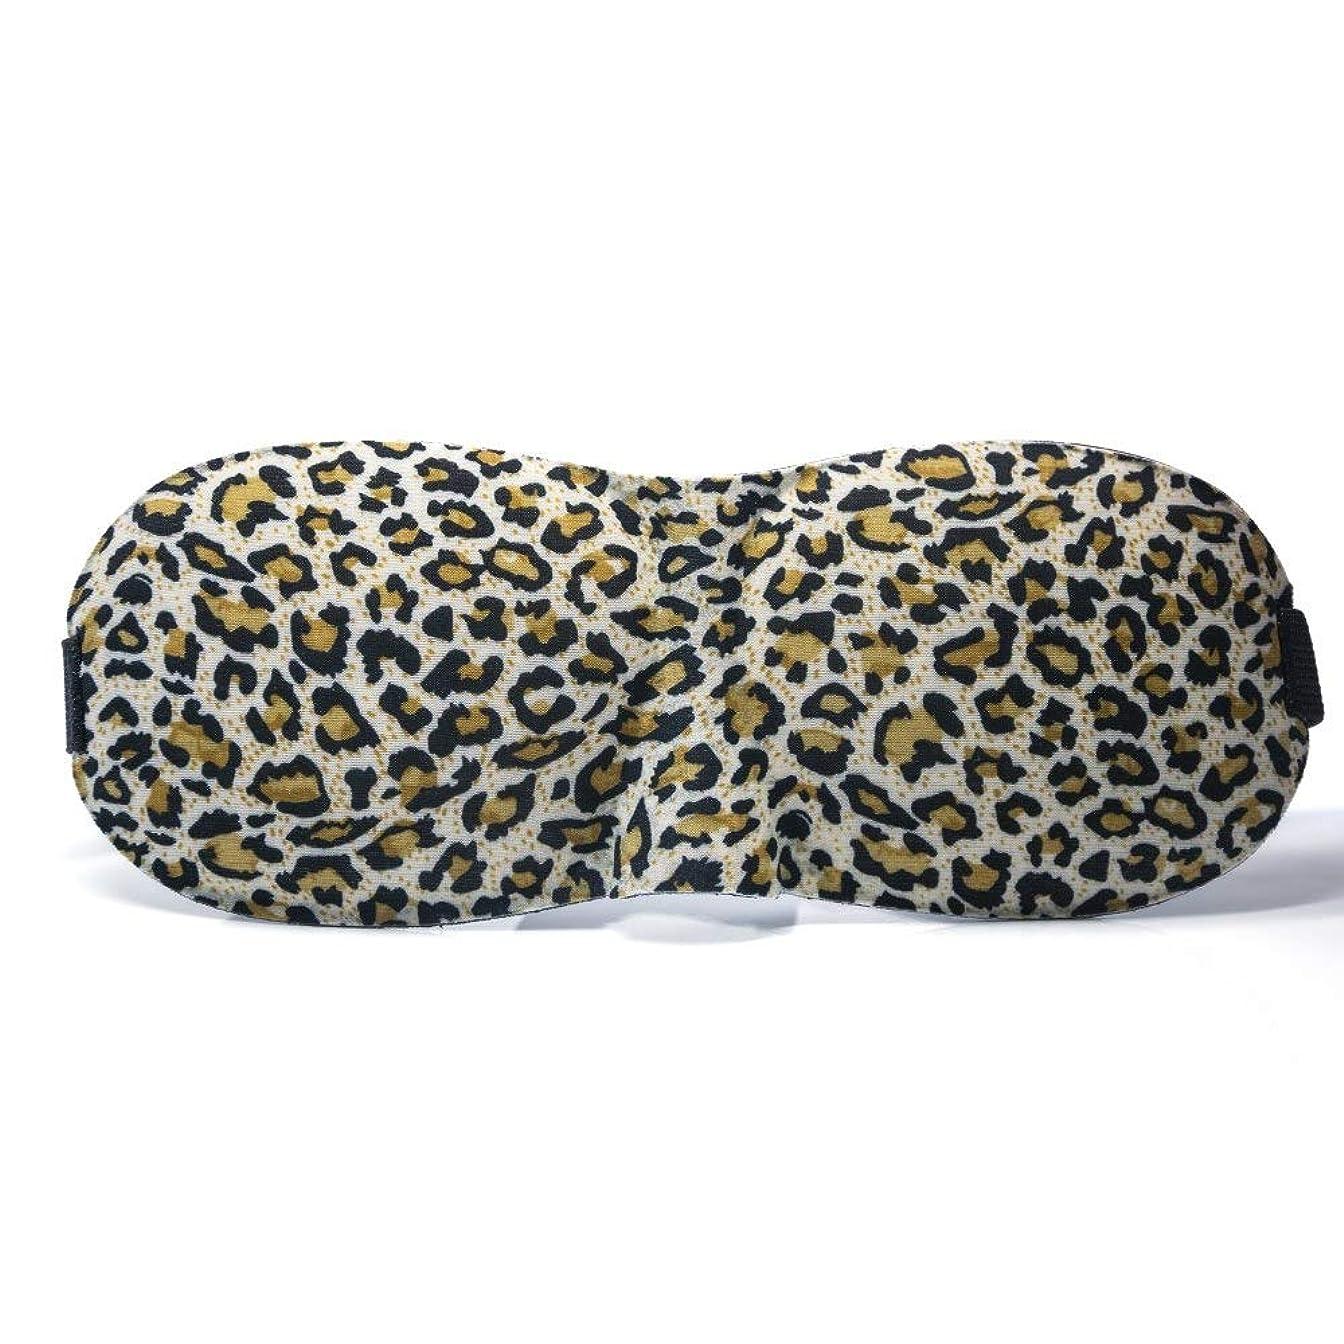 暴行デコラティブゴールドNOTE 3d睡眠マスクソフトポータブル目隠し旅行アイパッチ自然睡眠アイシェードカバーシェードアイパッチコットンブルーブラックC 1372